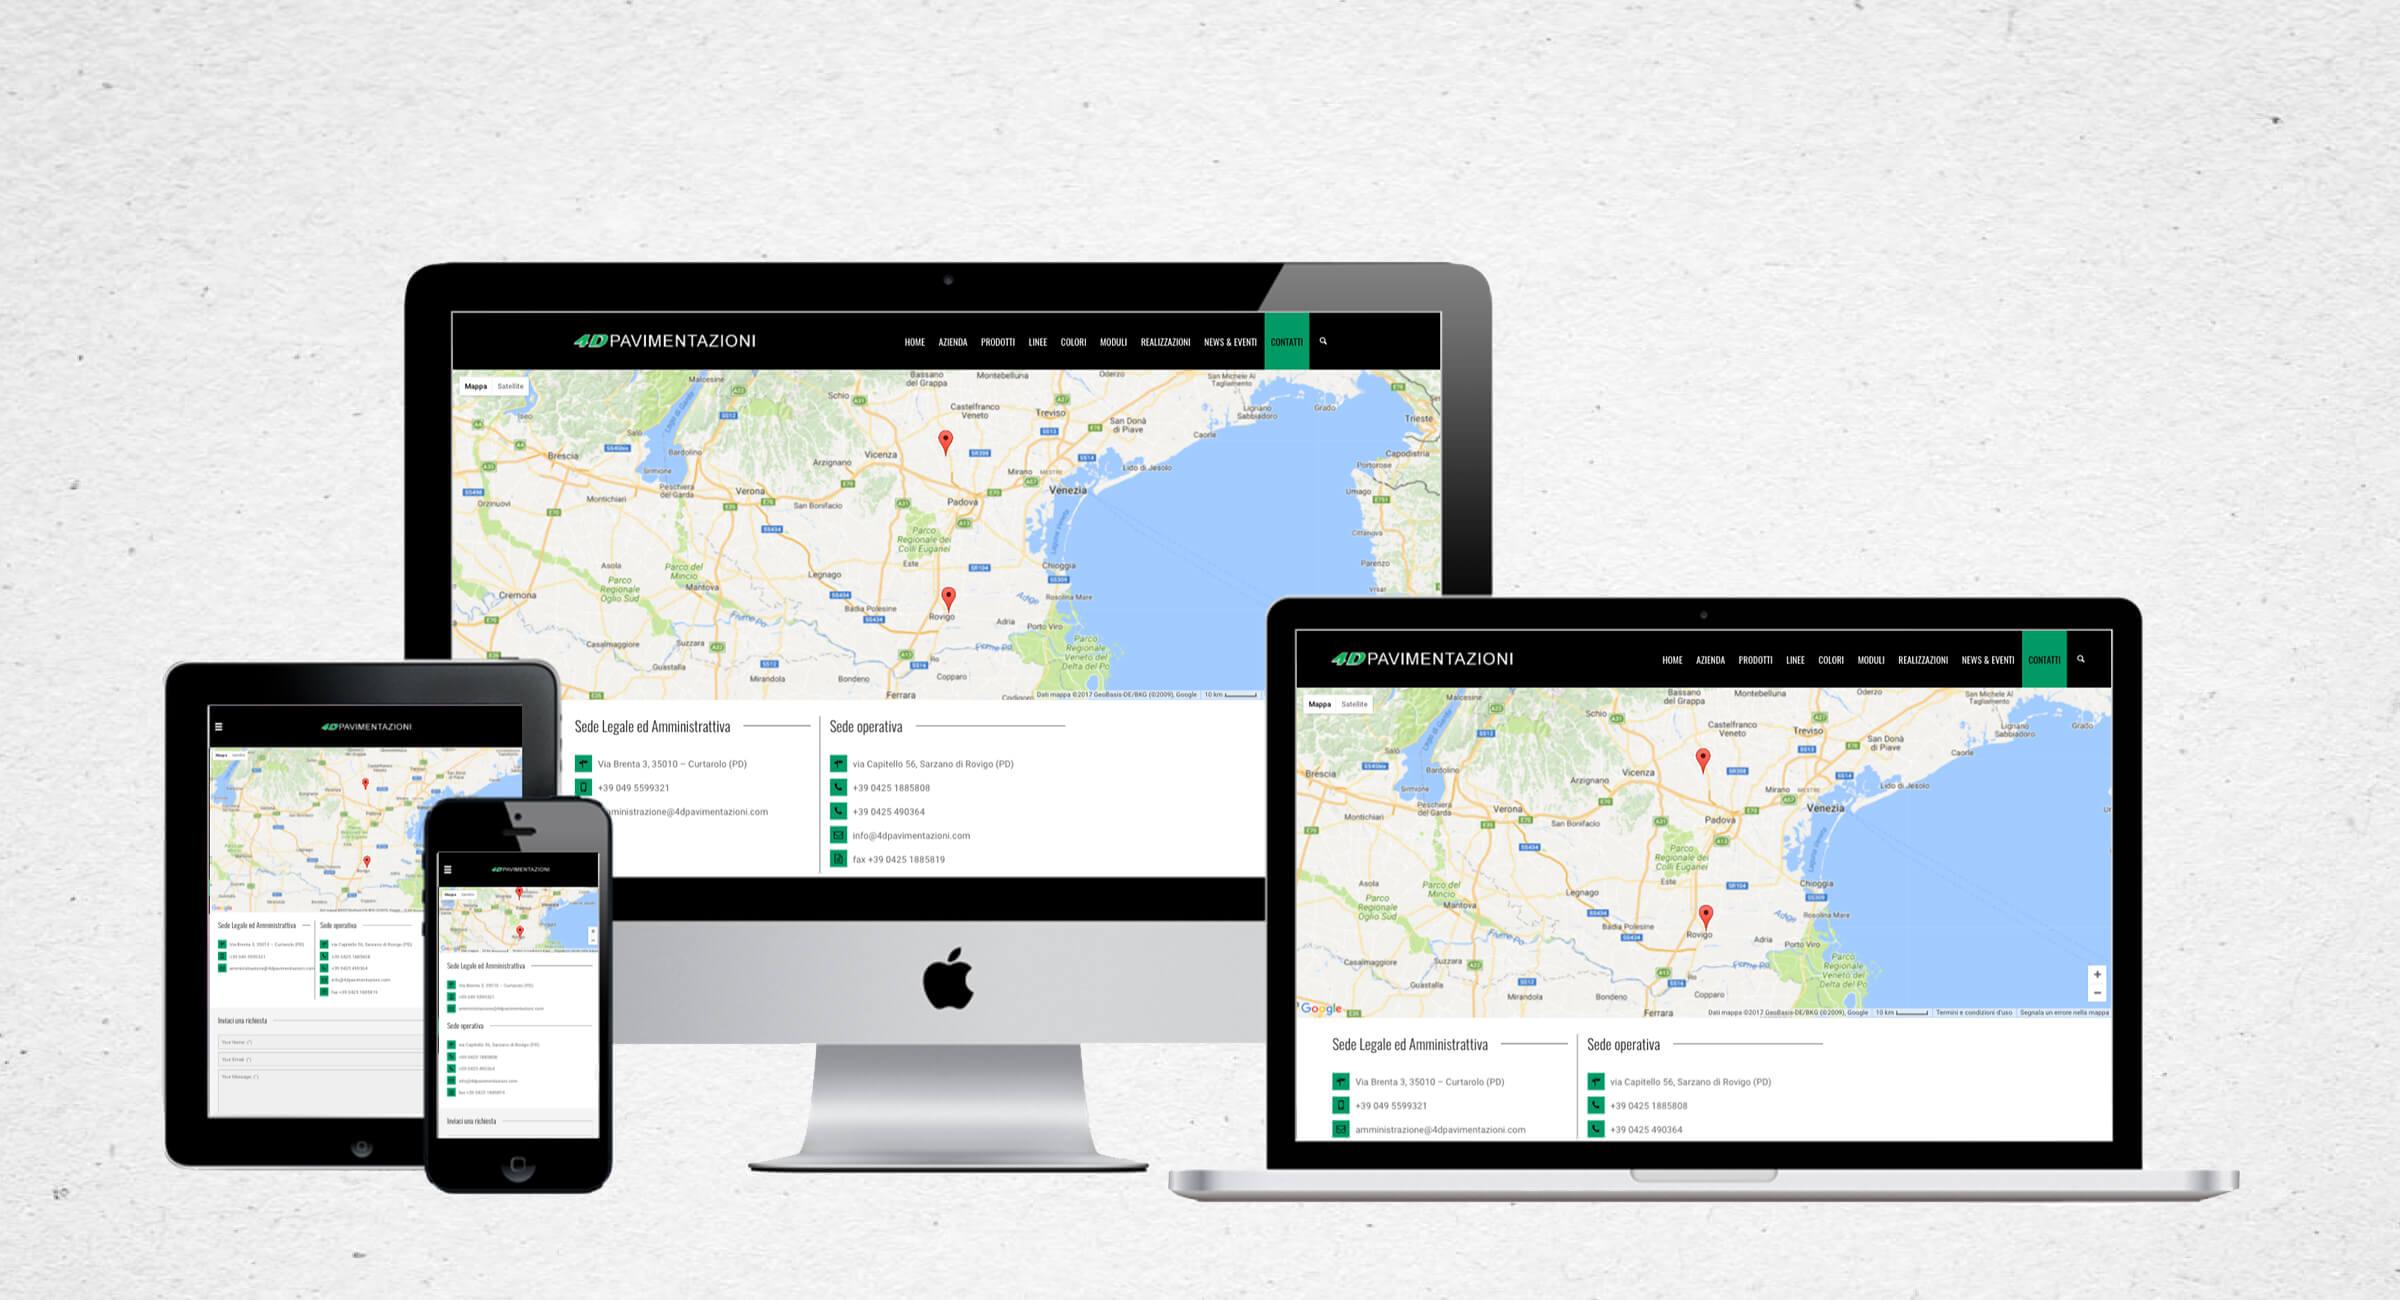 OnOff-Communication-per-4D-Pavimentazioni-pagine-interne-sito